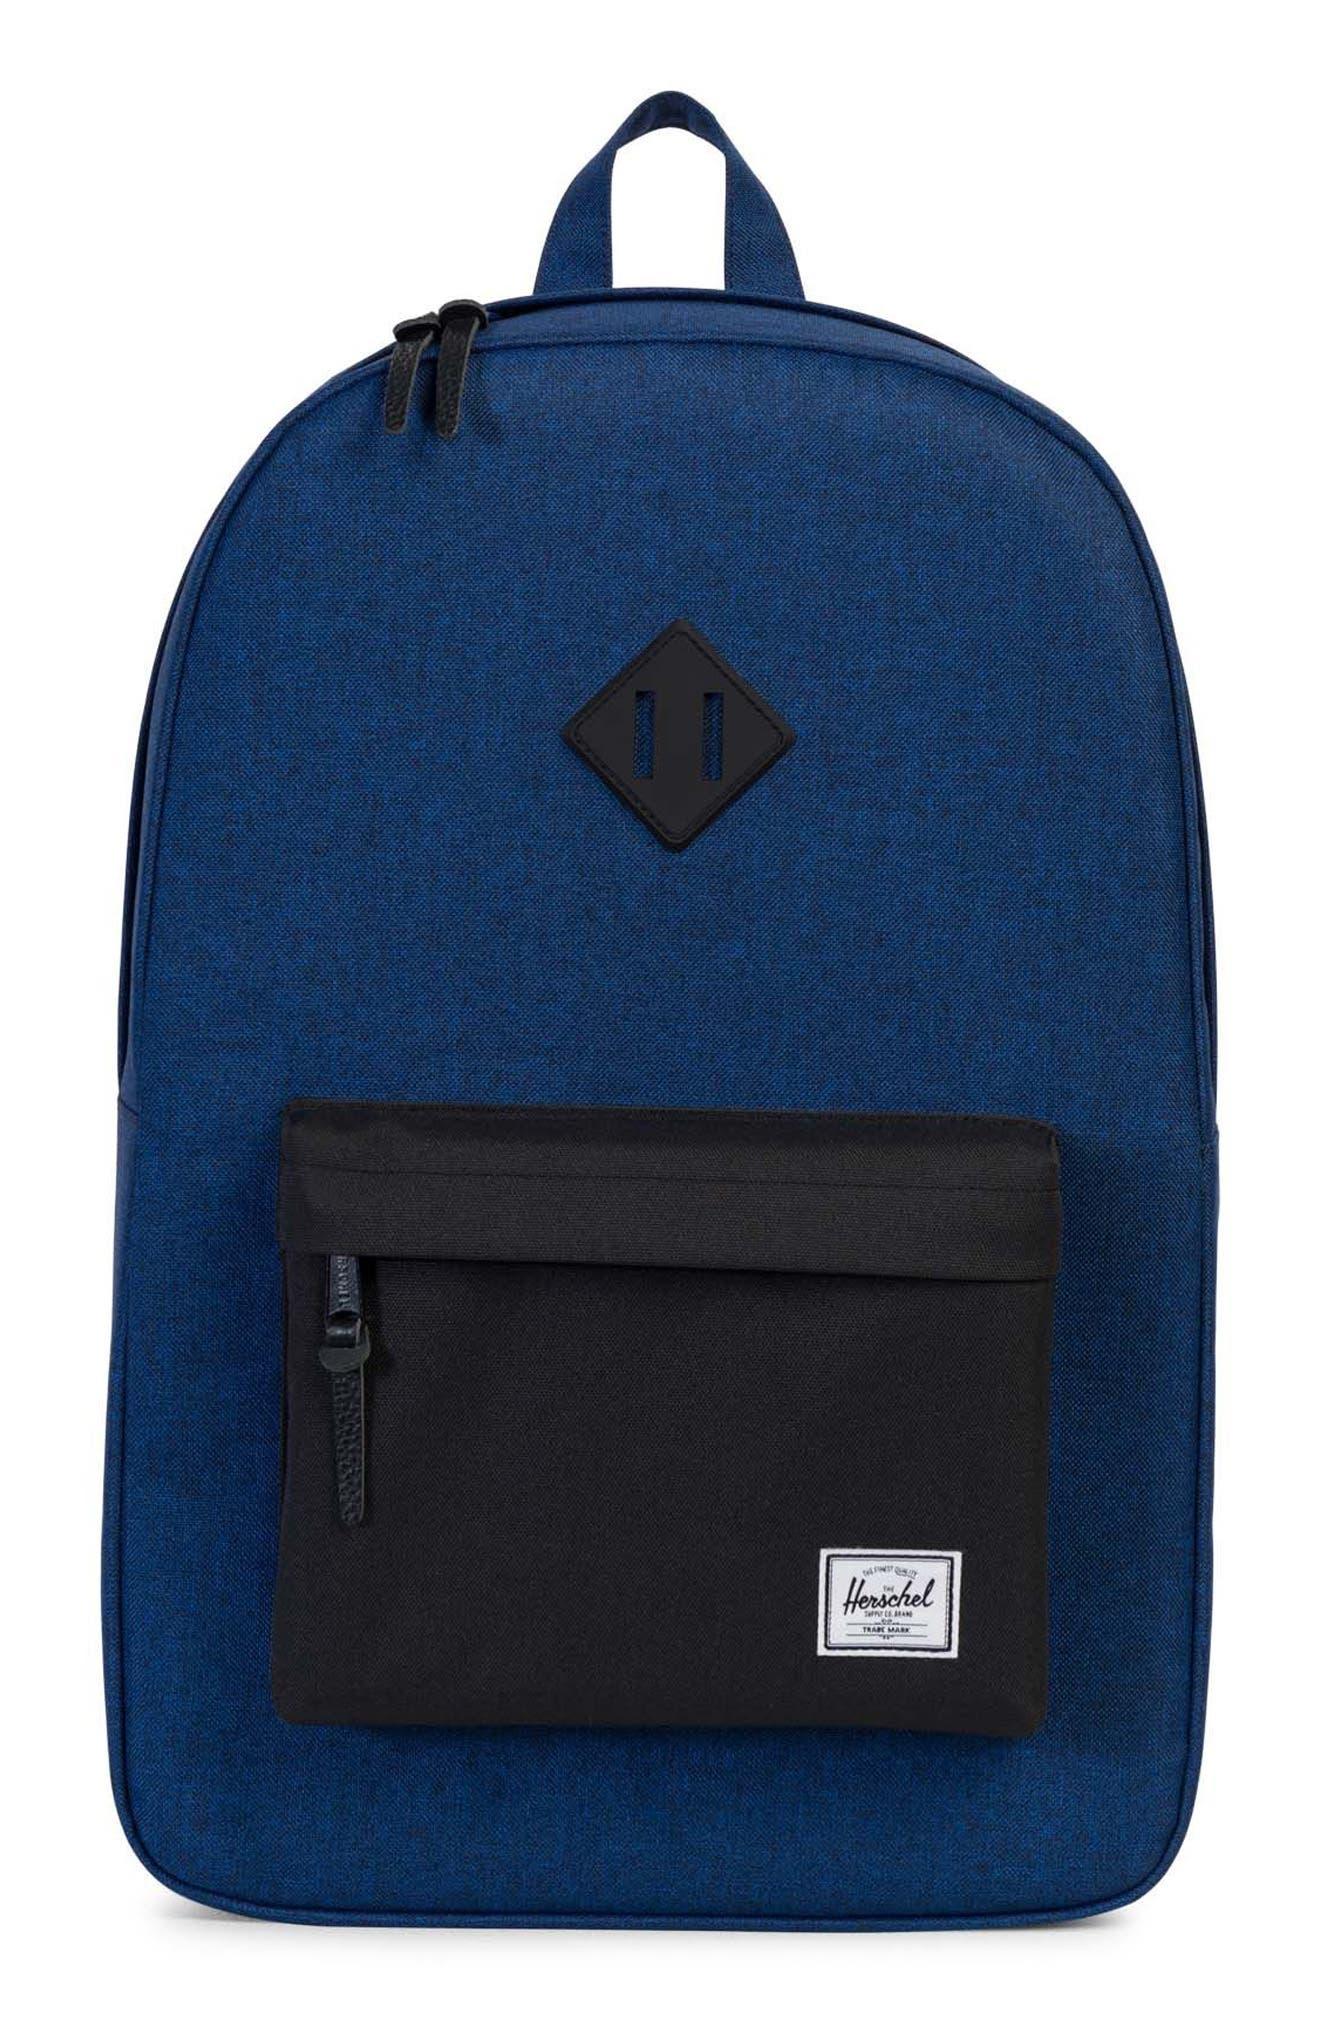 Heritage Backpack,                         Main,                         color, Eclipse Crosshatch/ Black